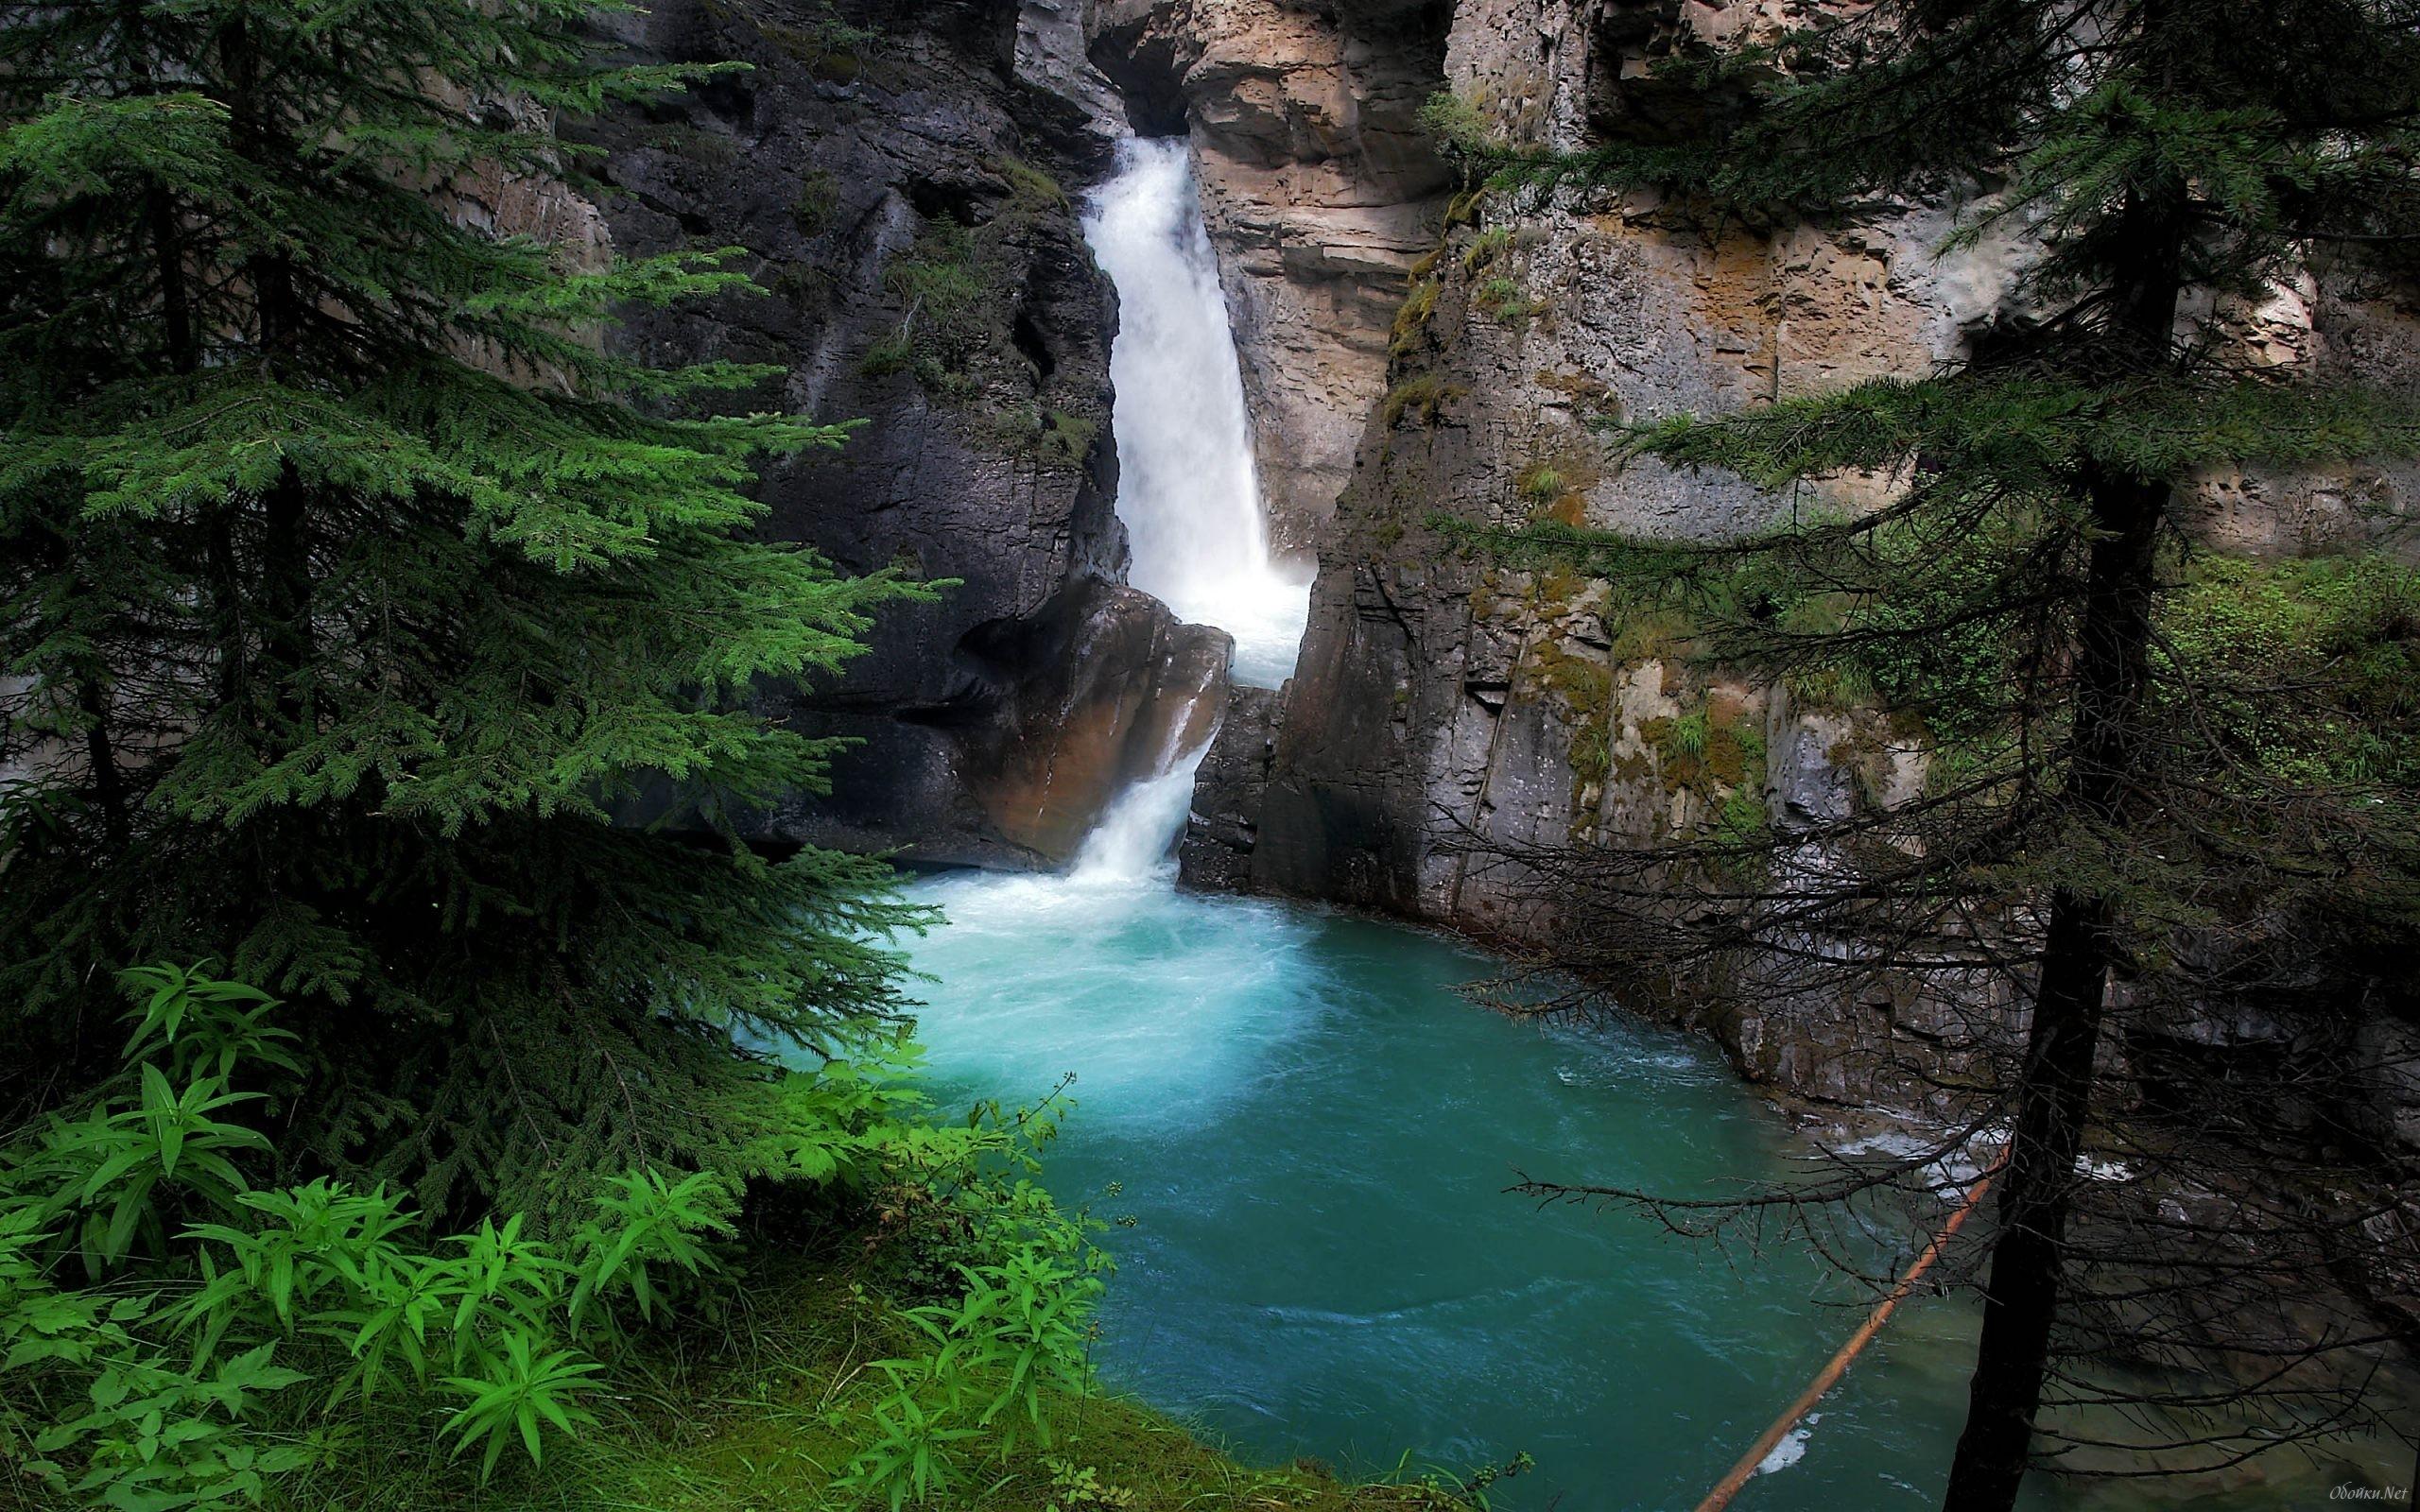 46453 Заставки и Обои Озера на телефон. Скачать Озера, Пейзаж, Природа, Водопады картинки бесплатно